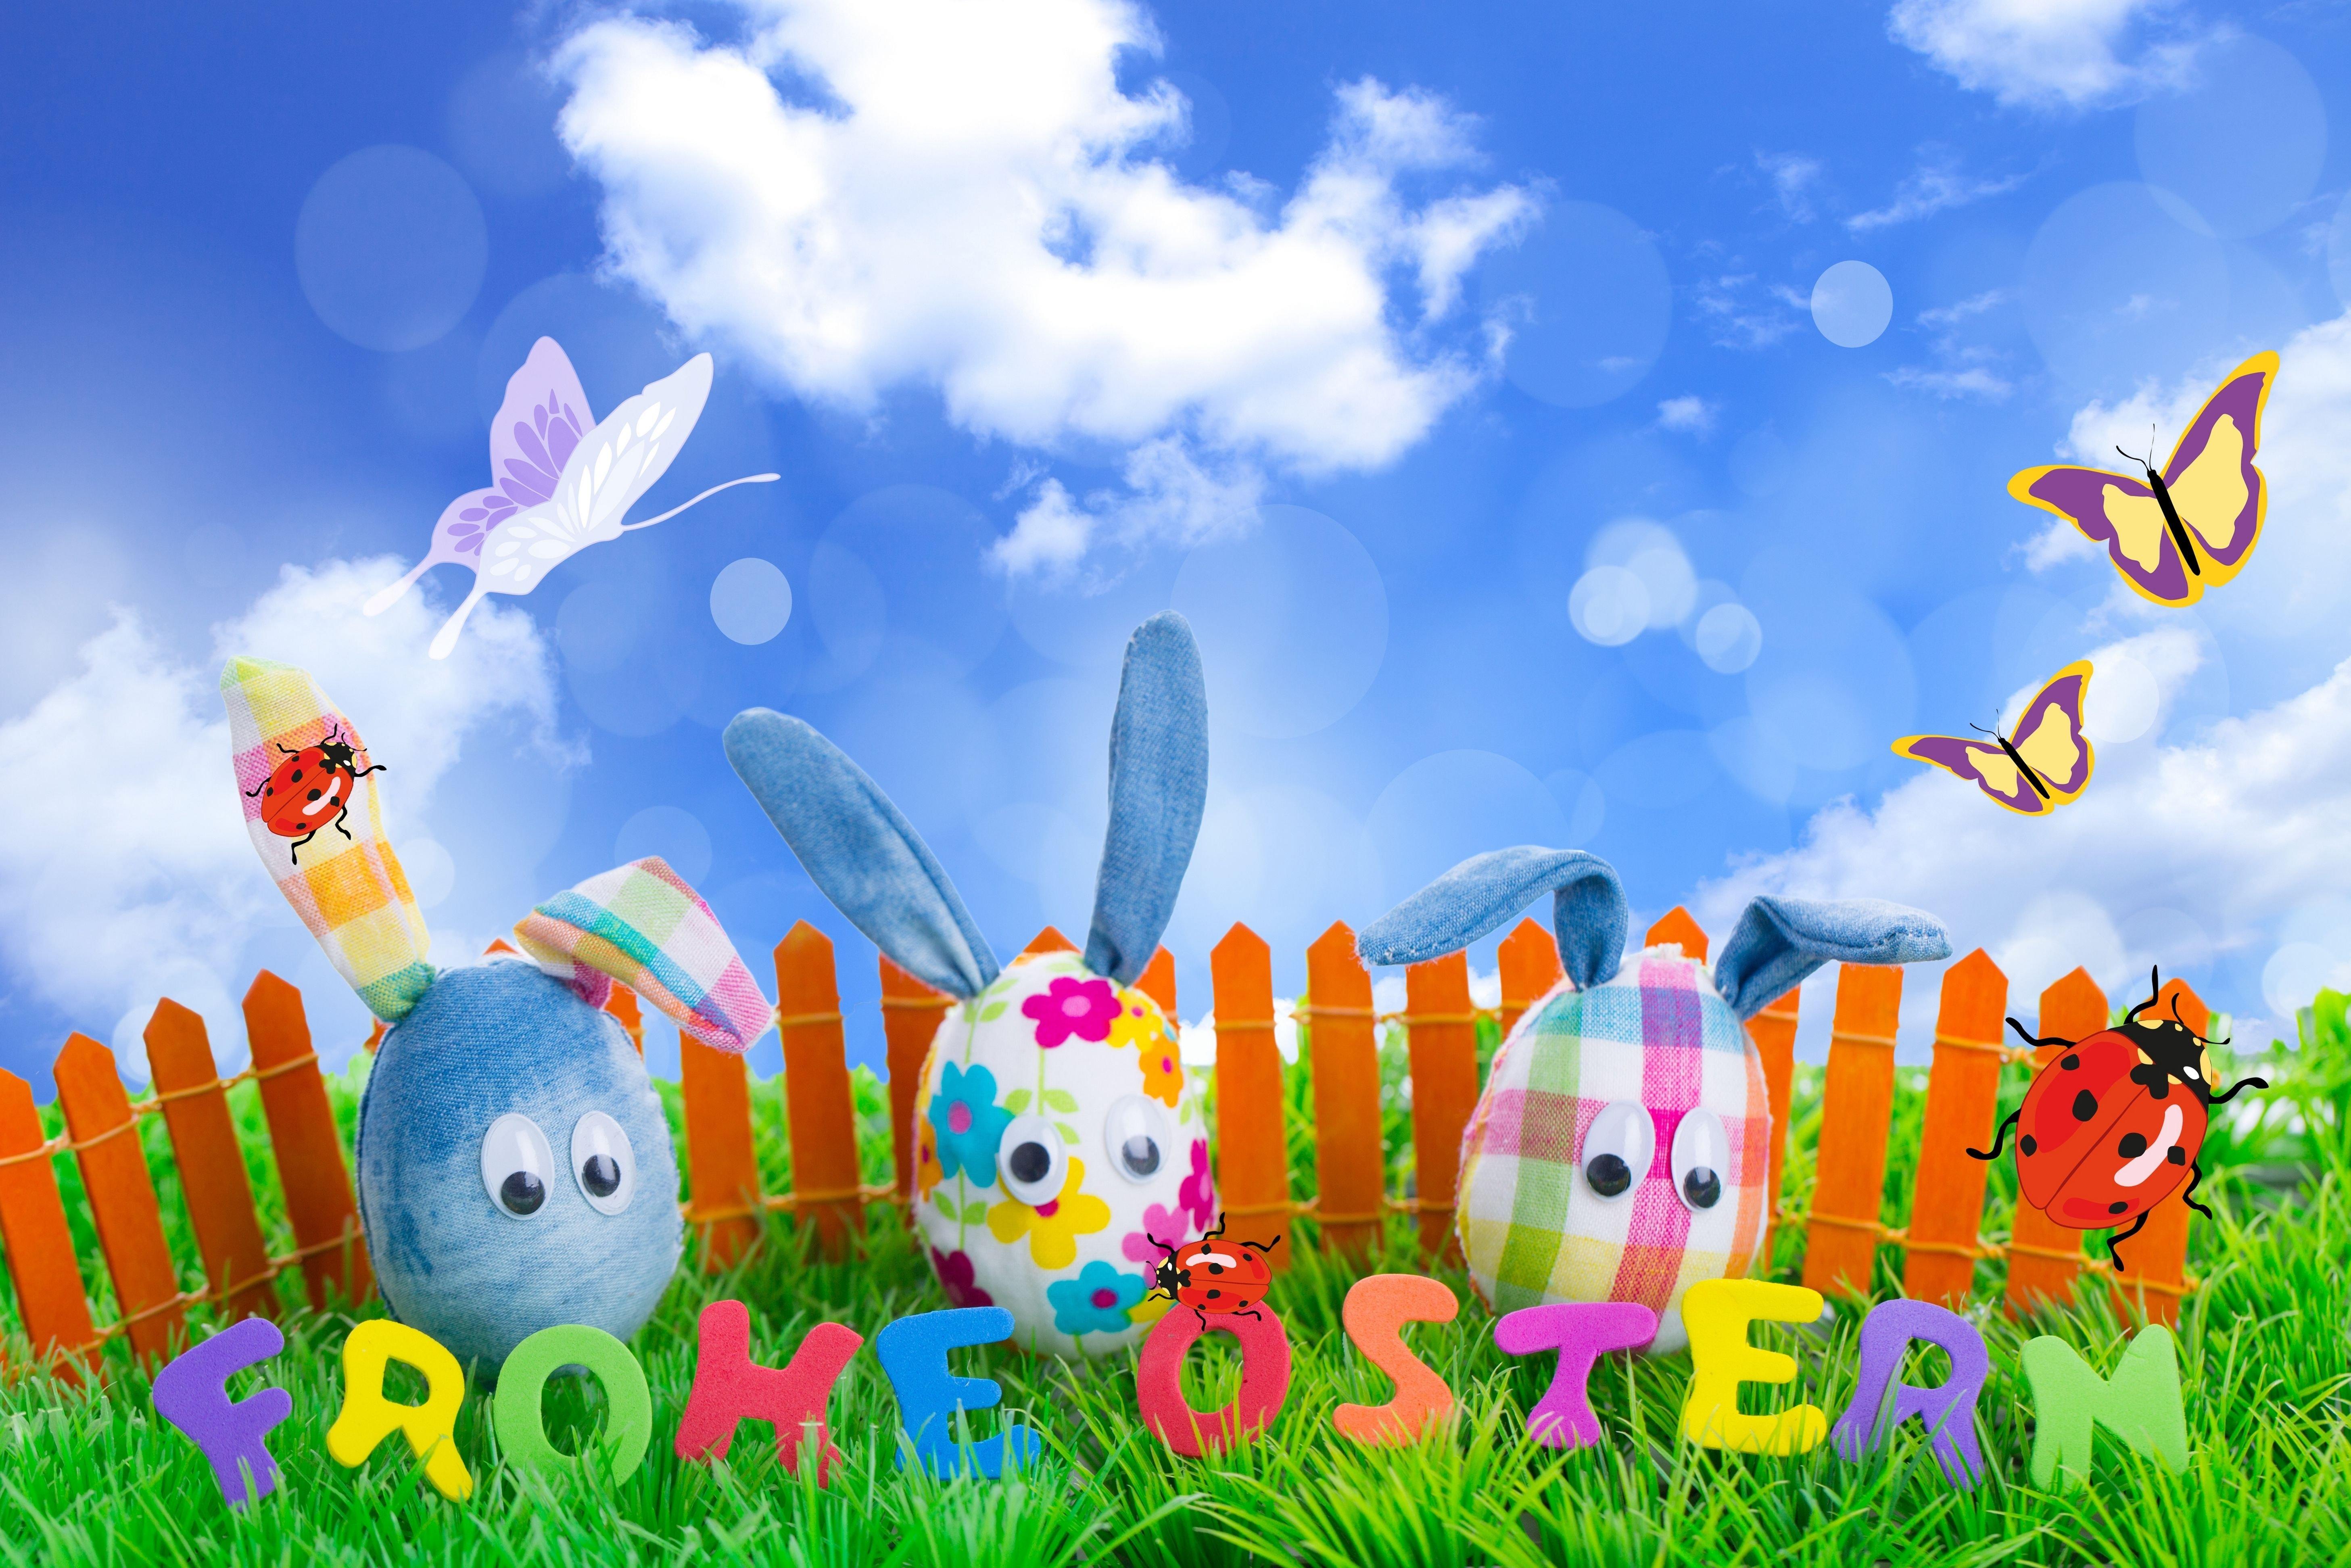 Fence holidays easter butterflies sky eggs grass wallpaper - Ostern wallpaper ...